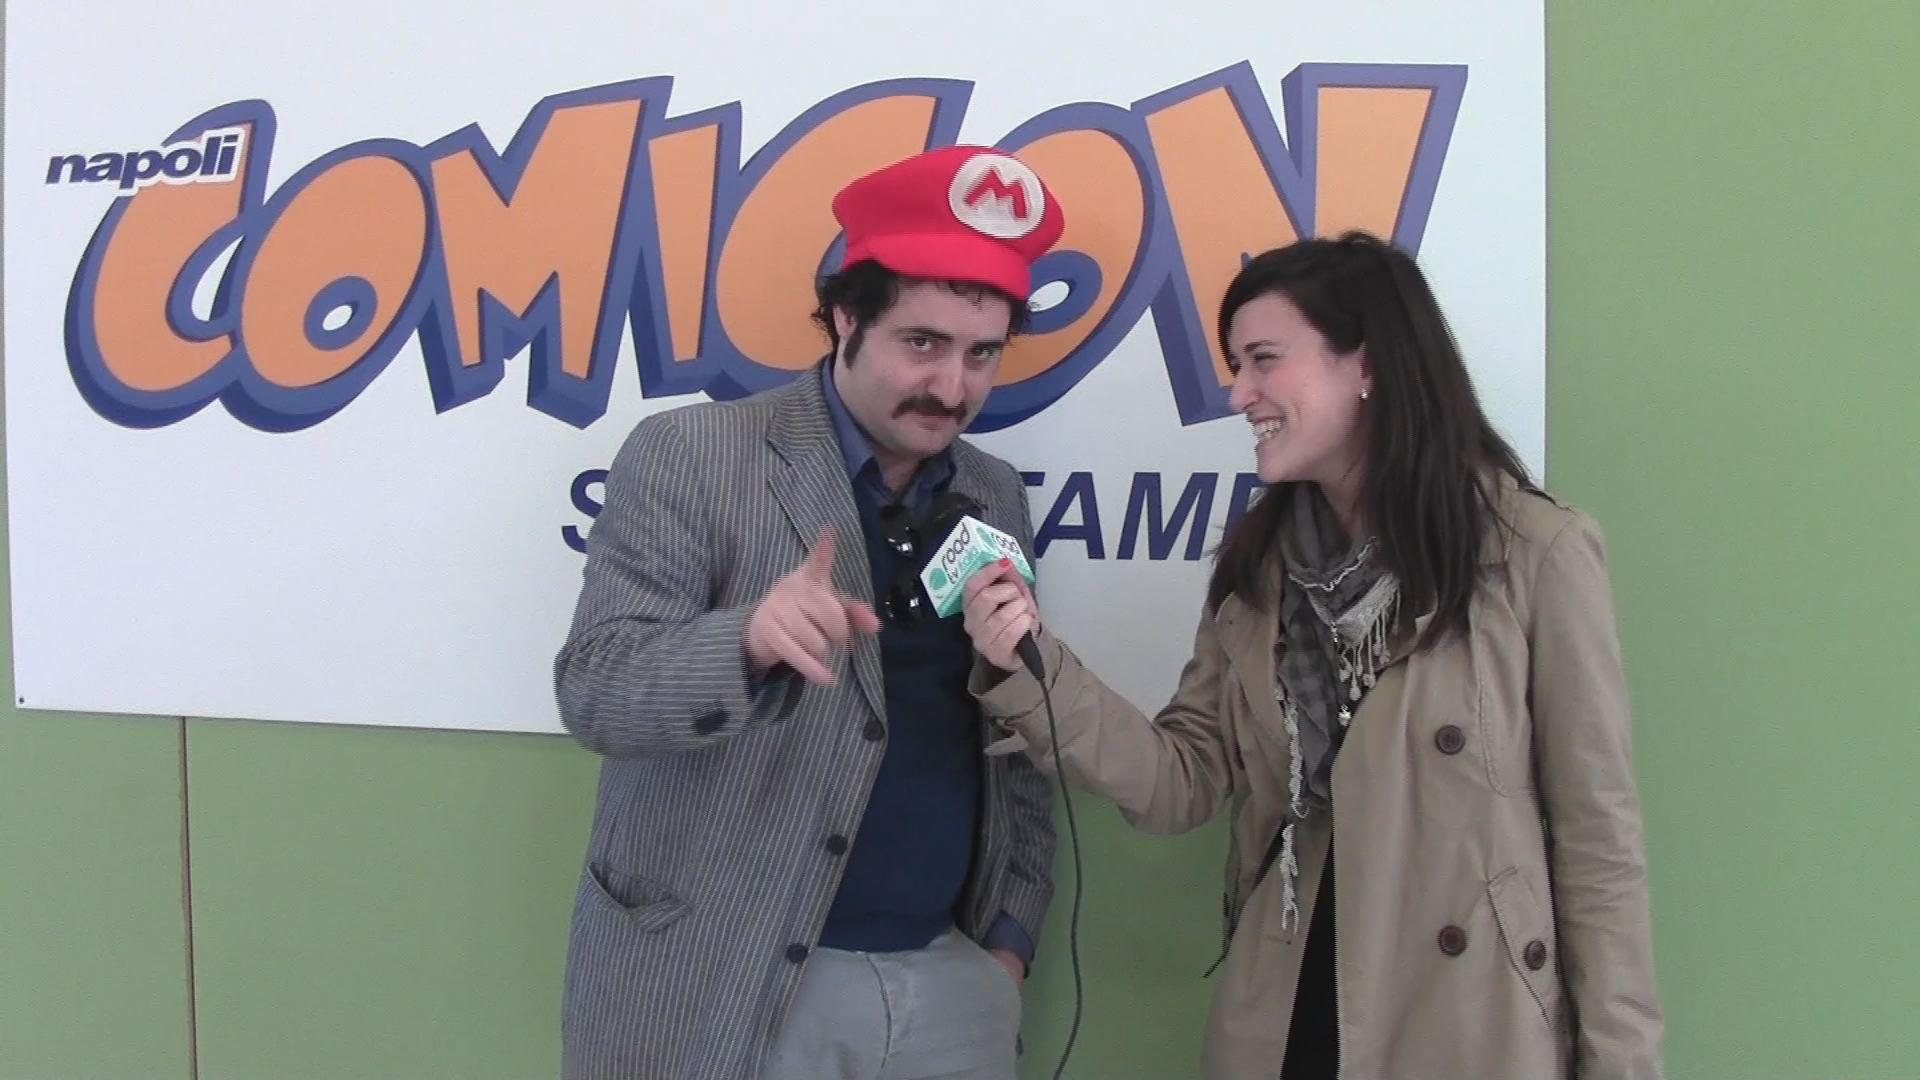 """Comicon 2013: Edoardo Guadagno, alias Mario Bros di """"Made in Sud"""" e Claudio Curcio, organizzatore dell'evento, si raccontano"""